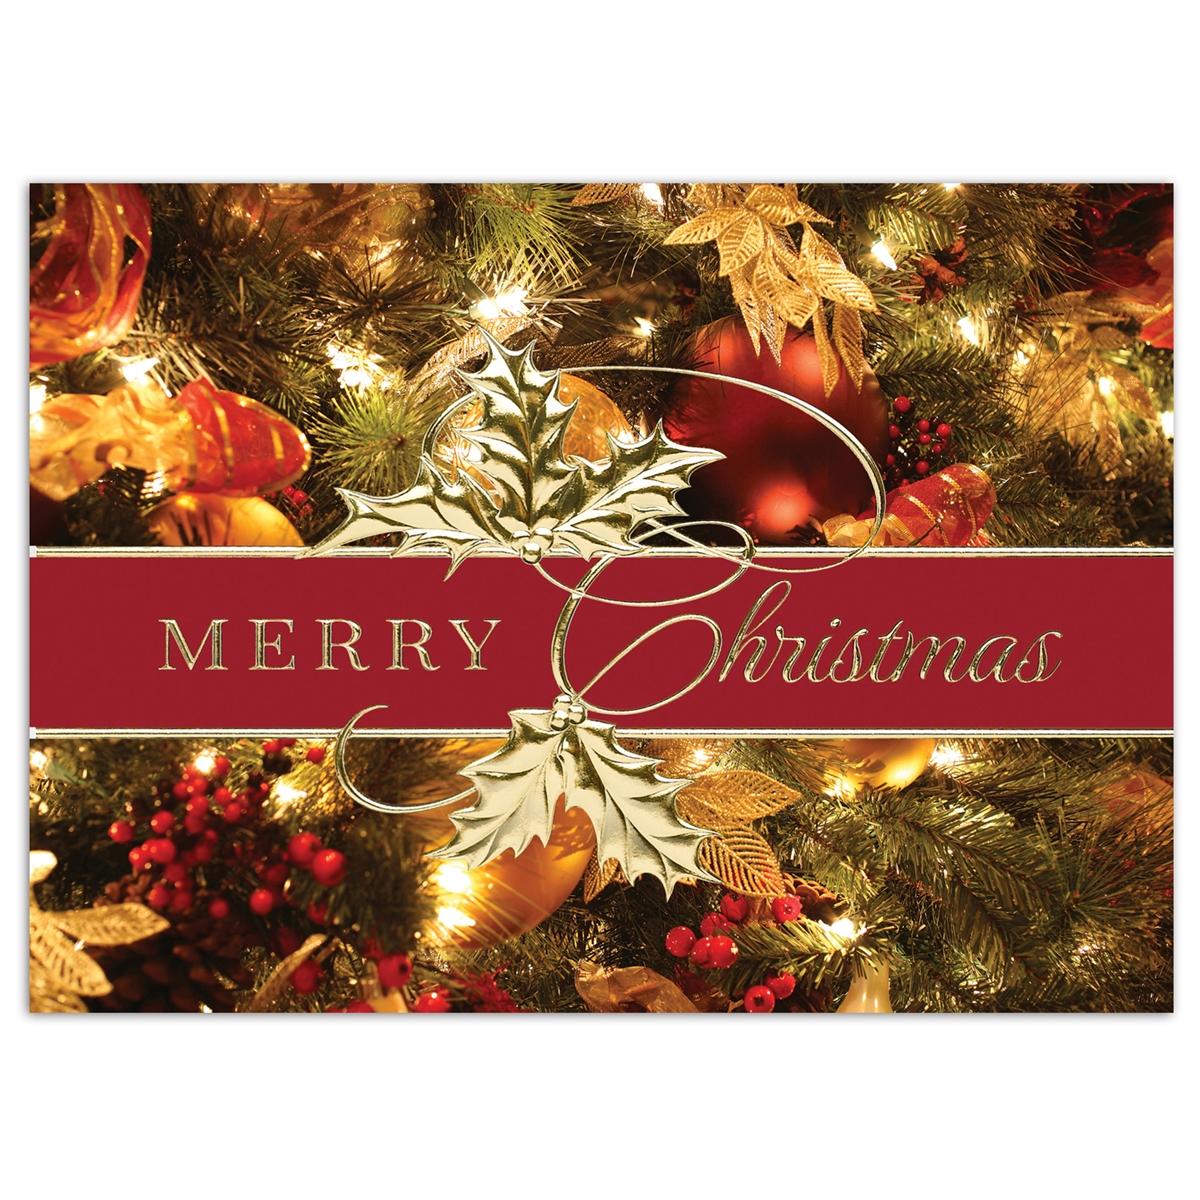 Stunning Christmas Card